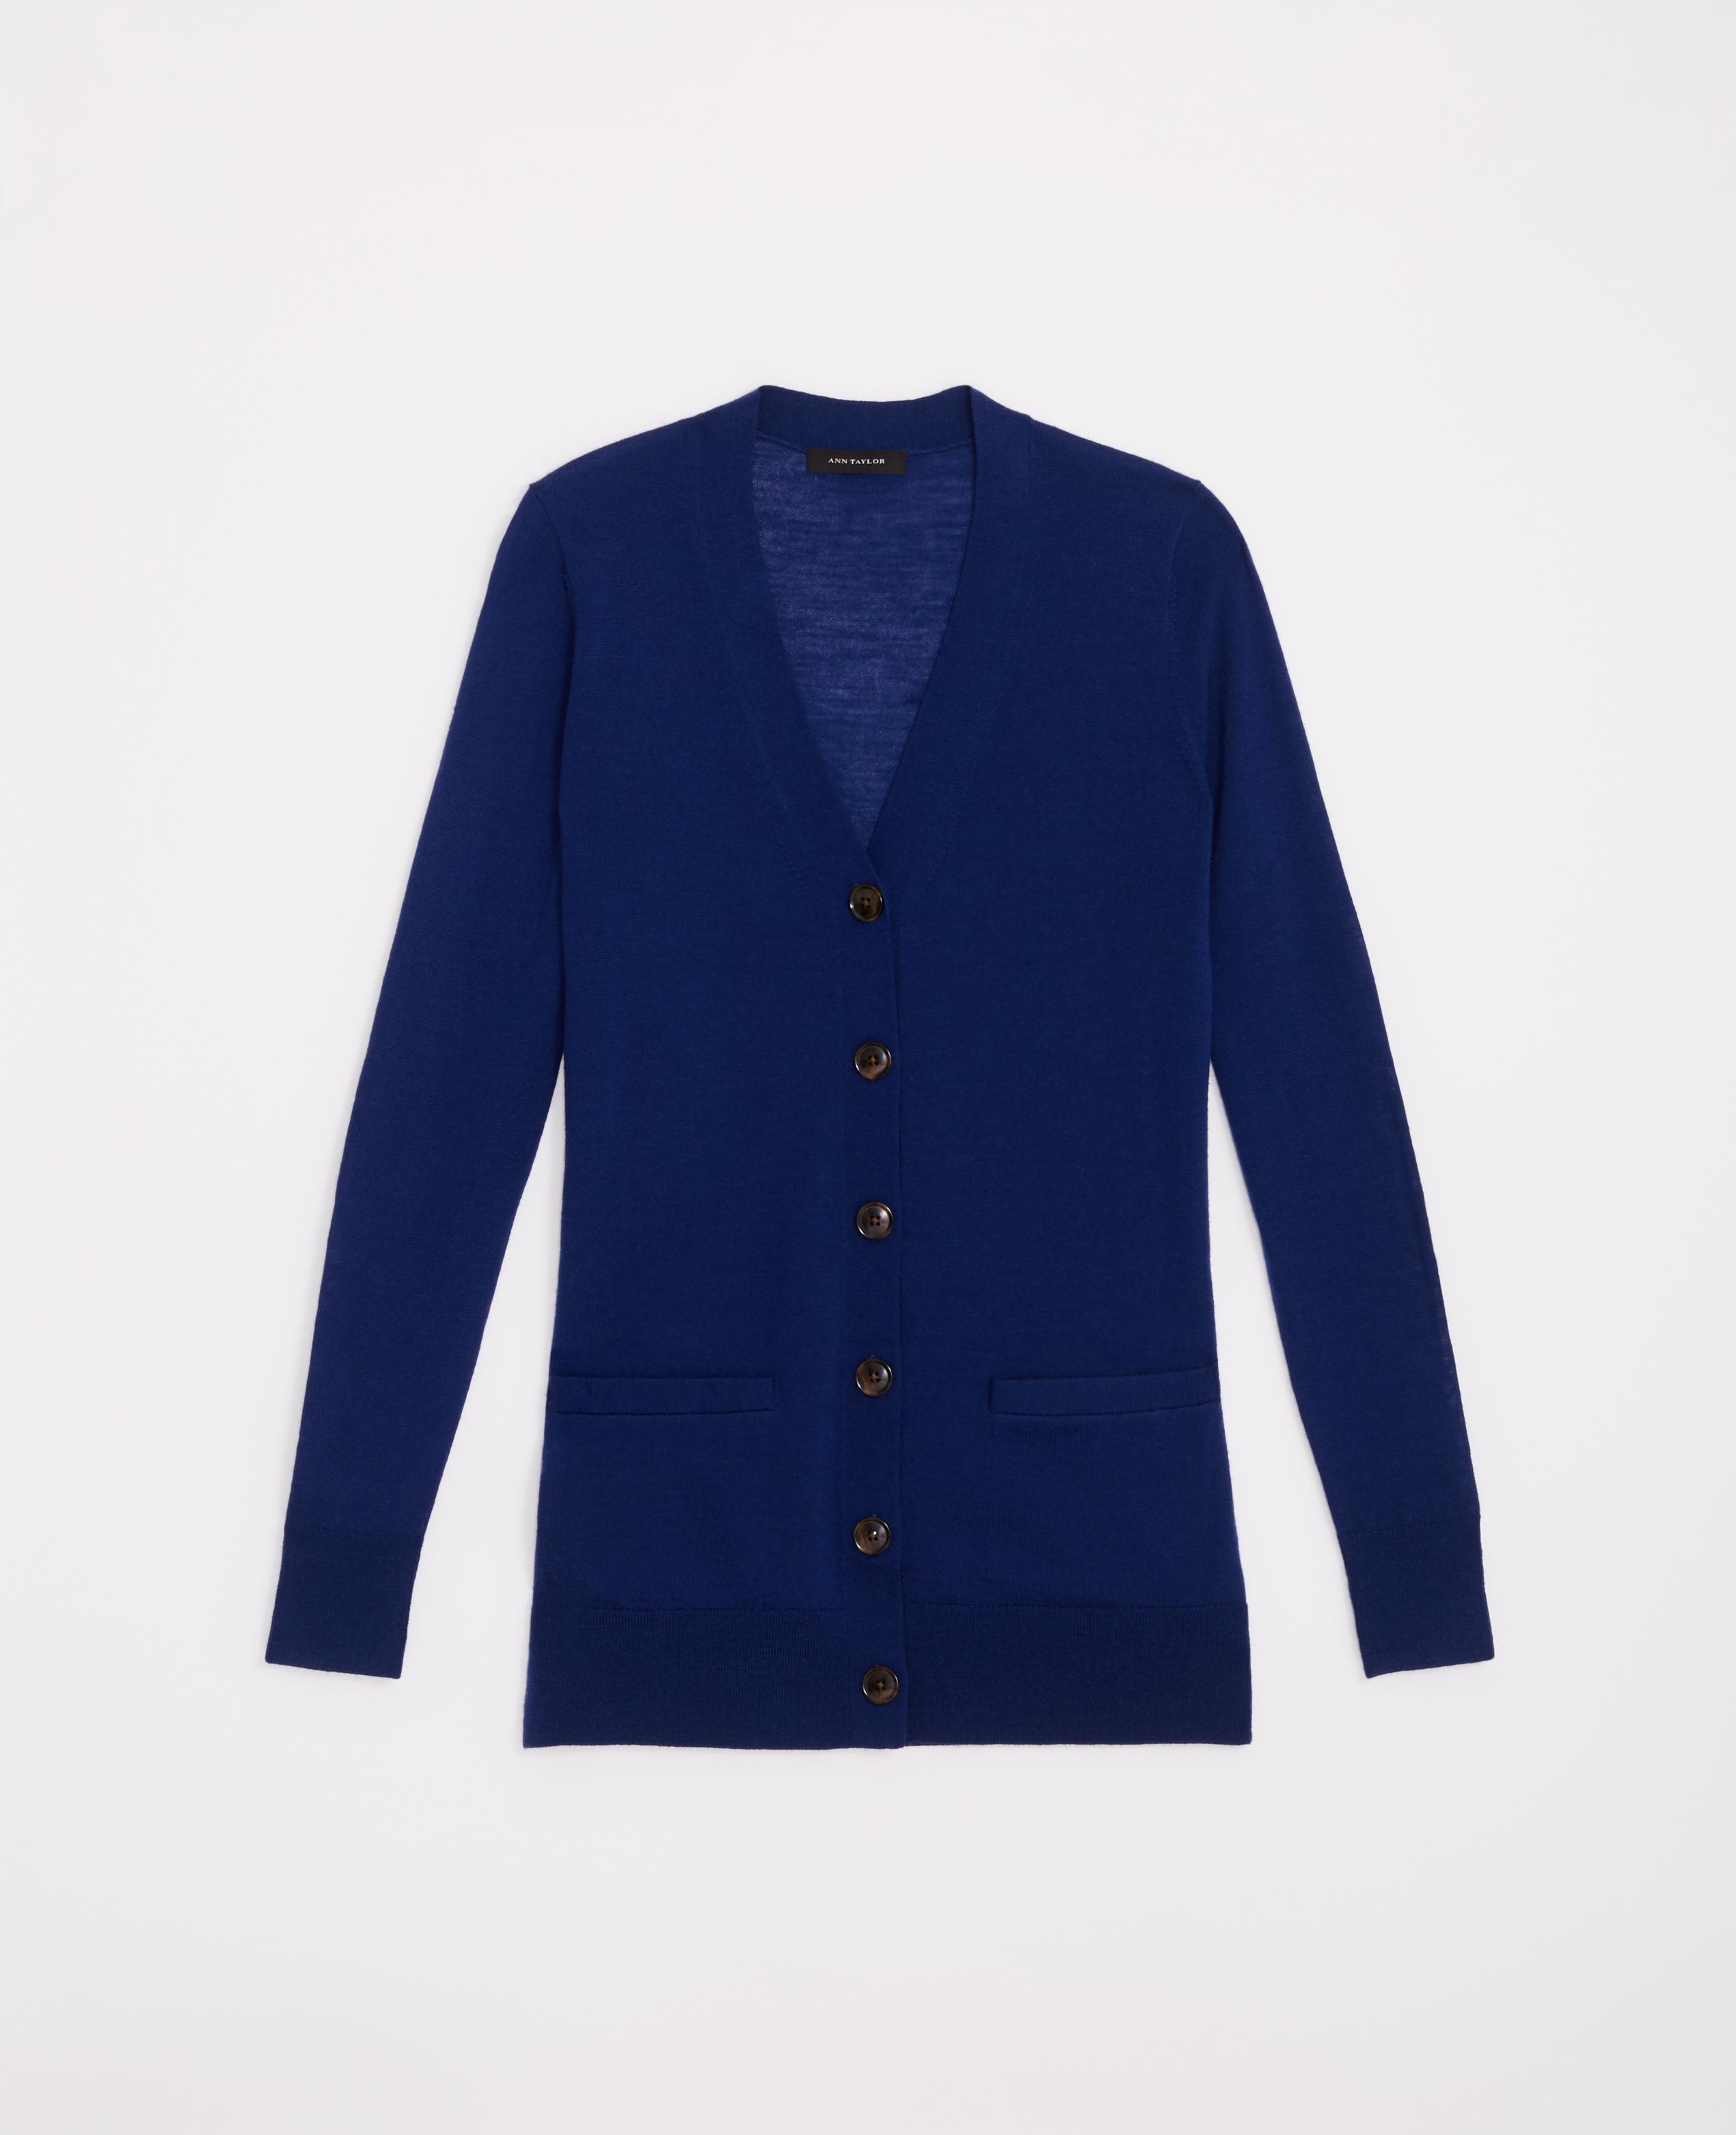 Ann taylor Merino Wool Boyfriend Cardigan in Blue | Lyst